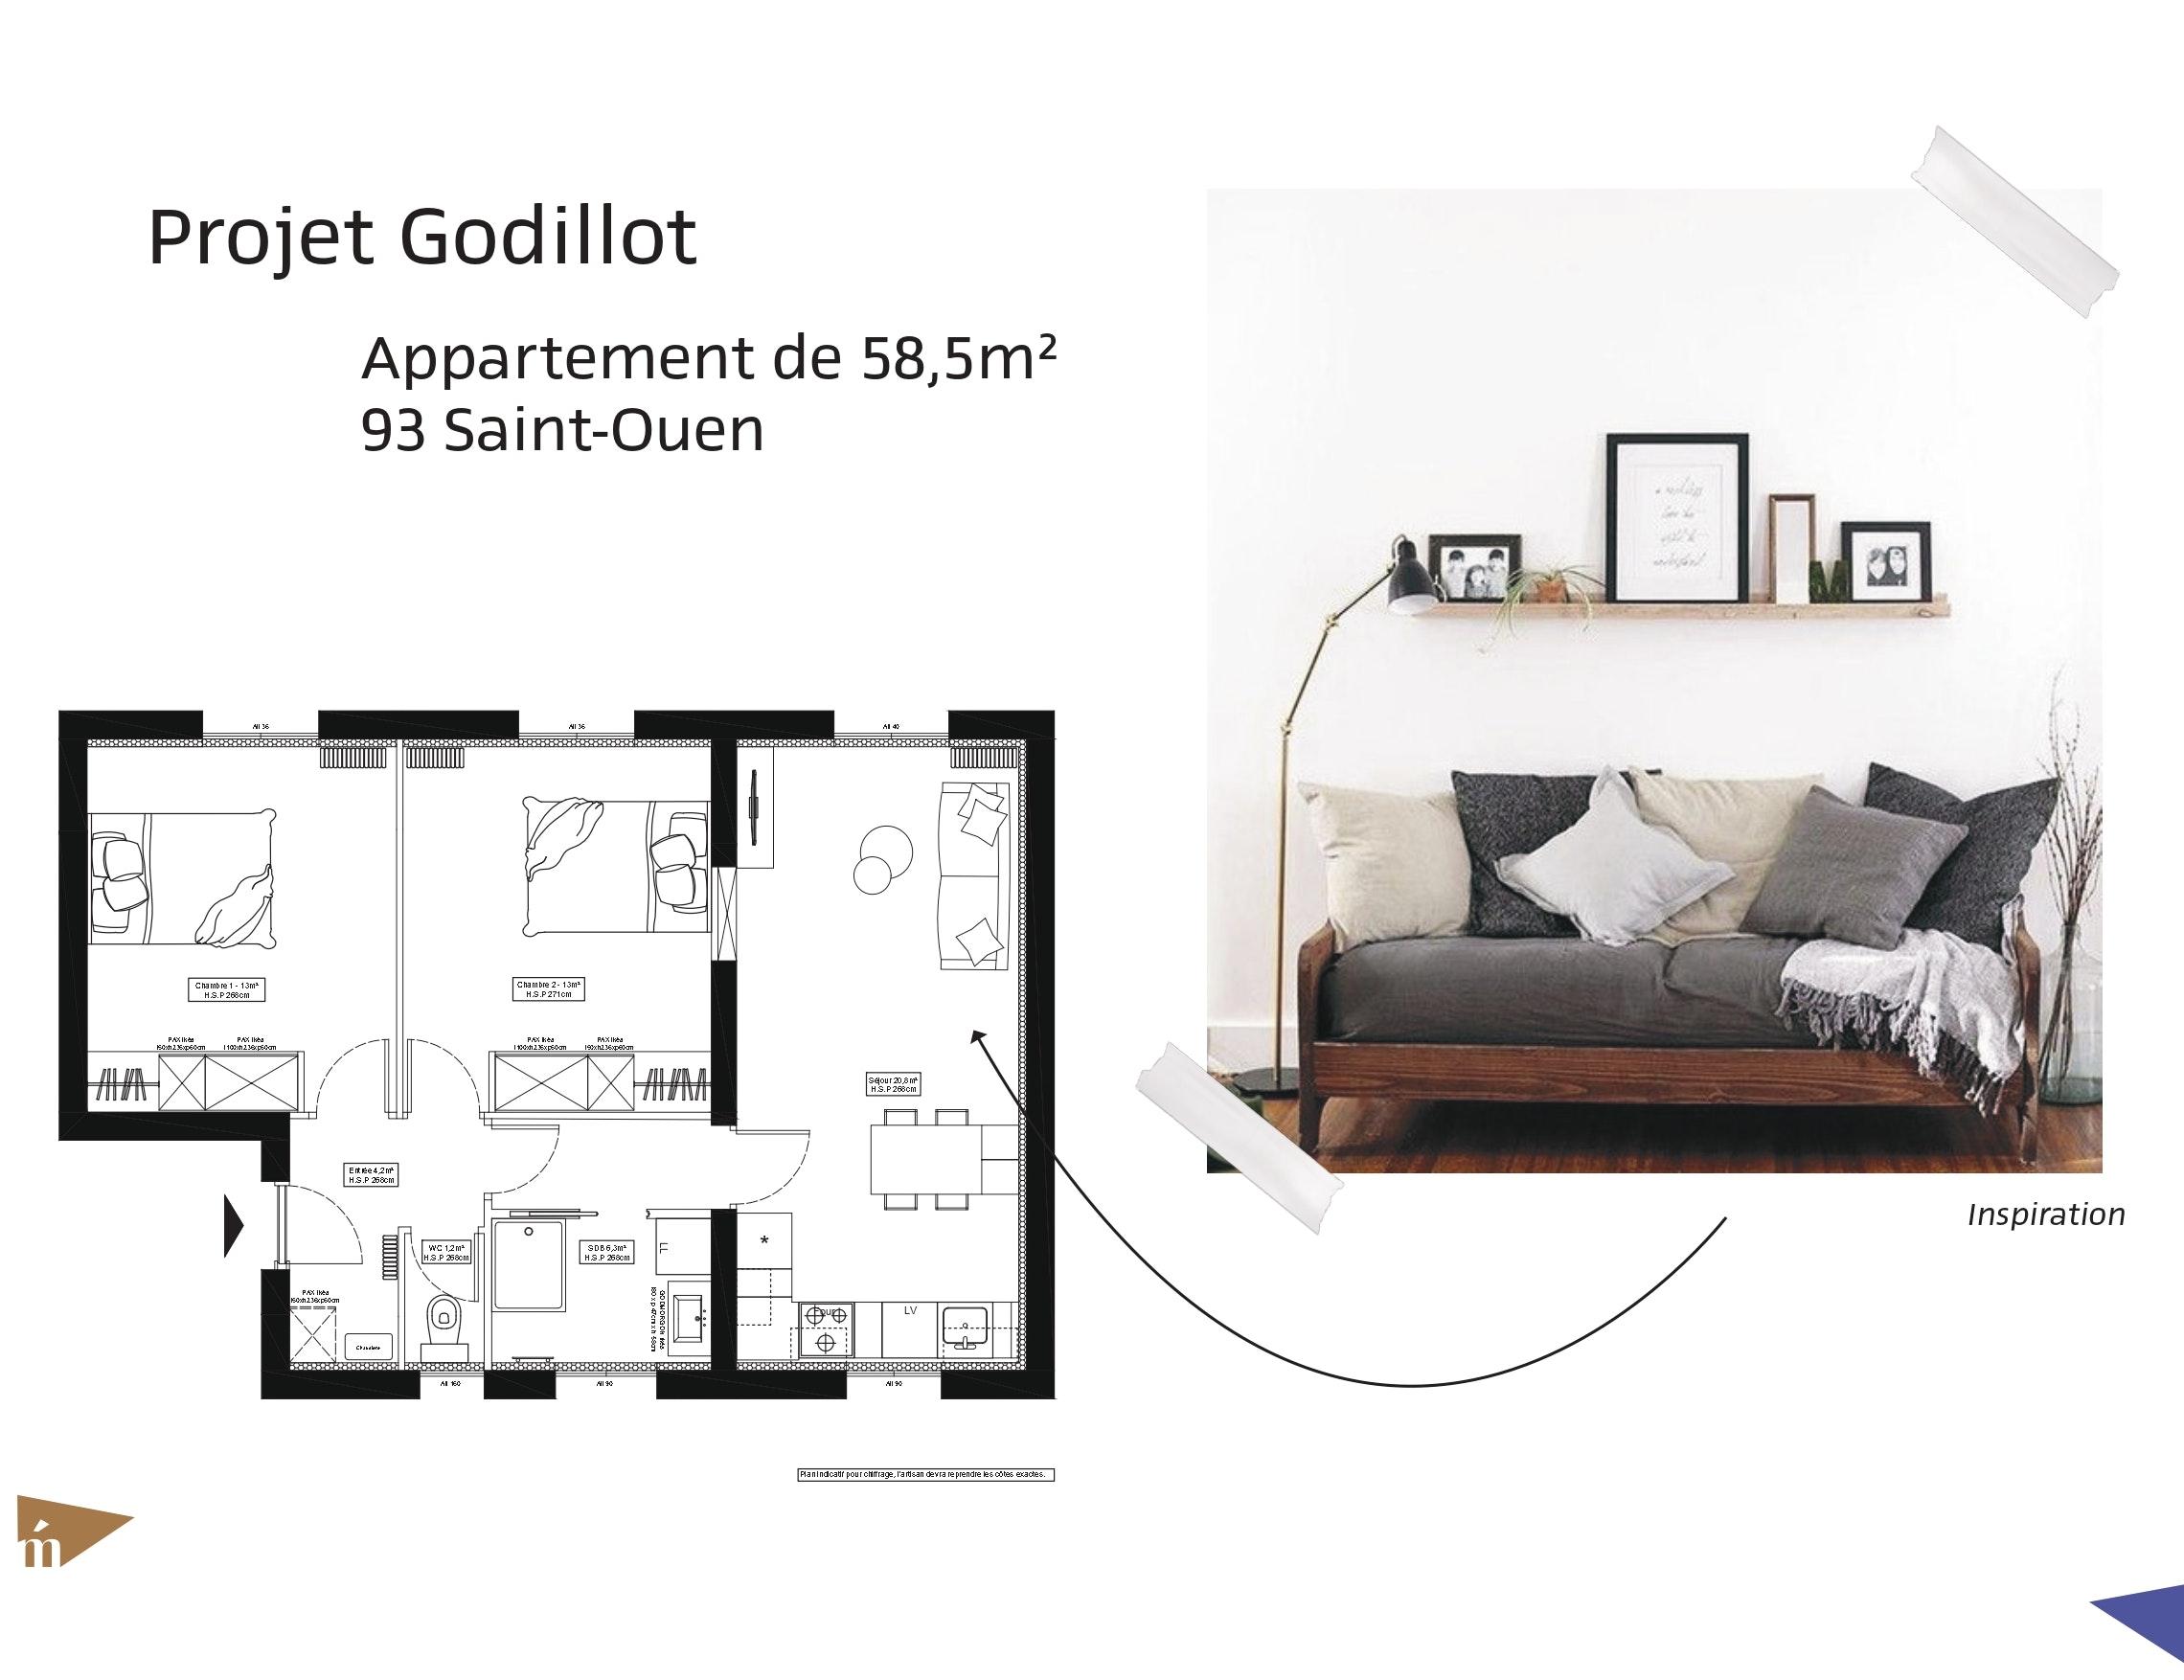 photo Projet Godillot -  Appartement 58 m² - Saint-Ouen Léa Mast - Architecte hemea